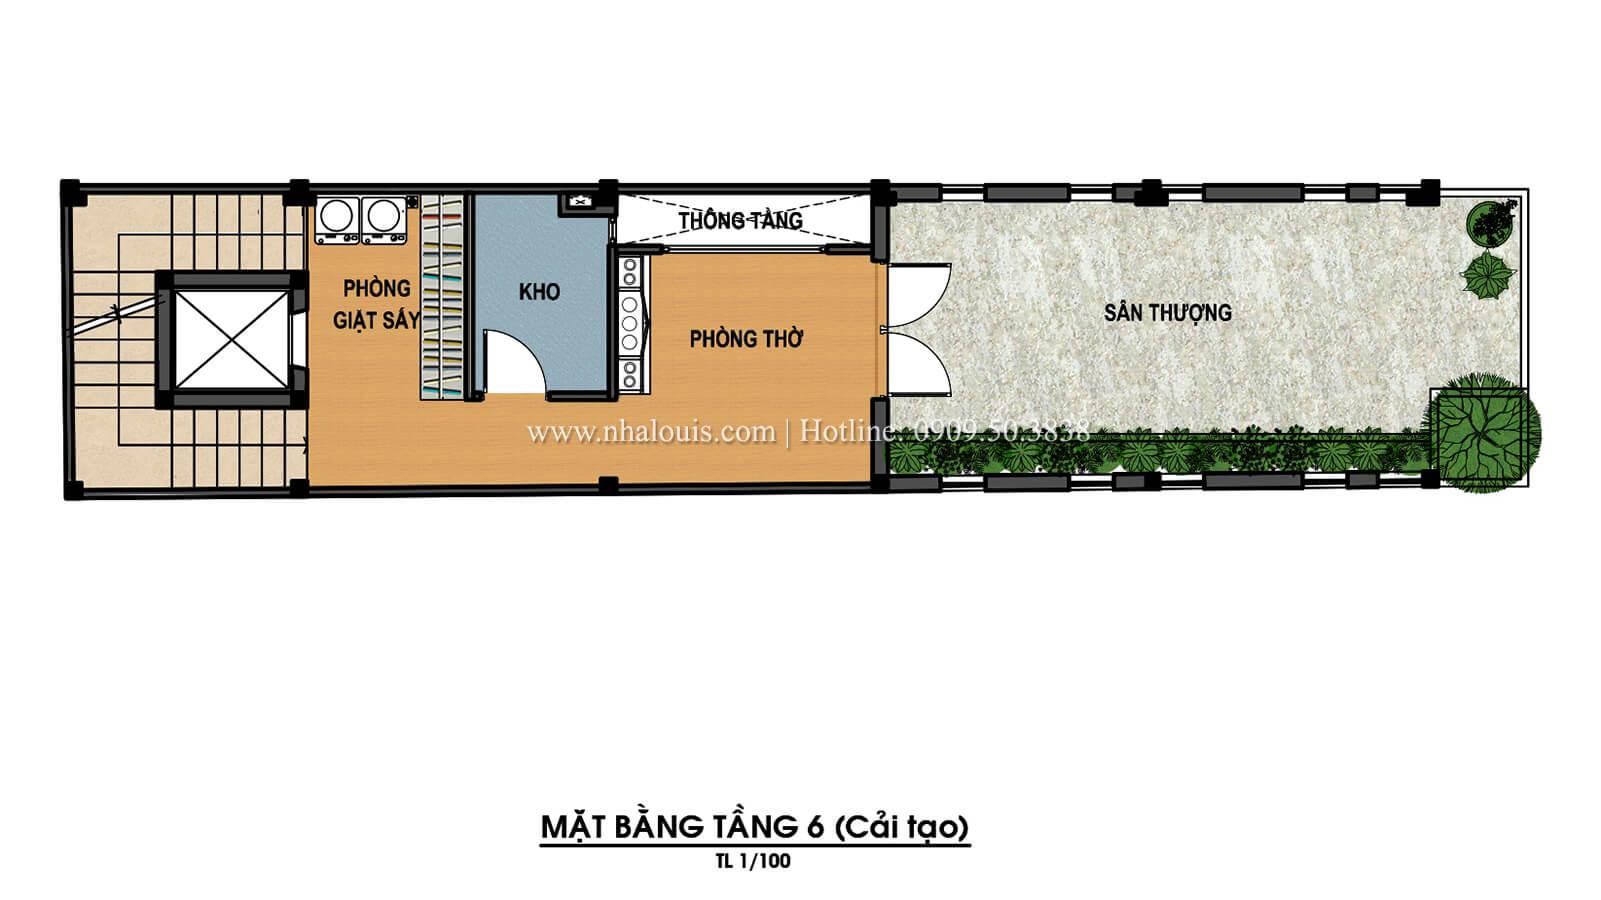 Mặt bằng tầng 6 Thiết kế cải tạo nhà 6 tầng đẹp không ngờ tại Quận 6 - 10